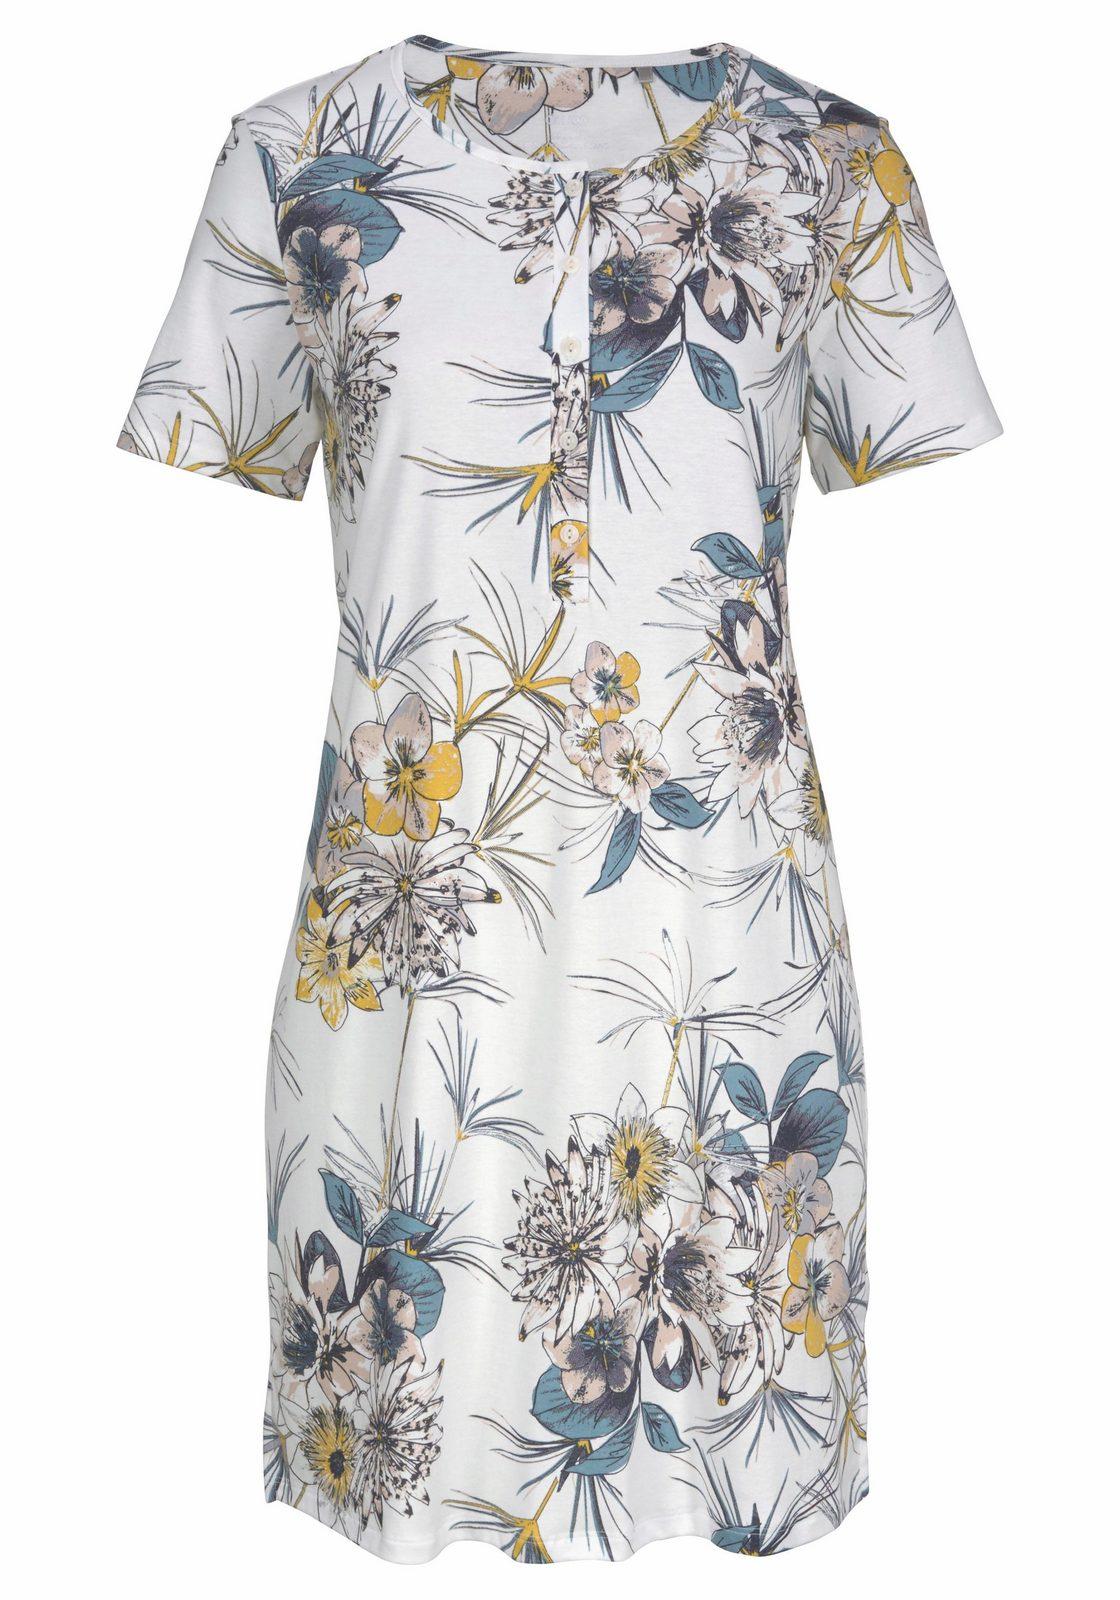 Calida Sleepshirt im Blumenmuster mit Knopfleiste